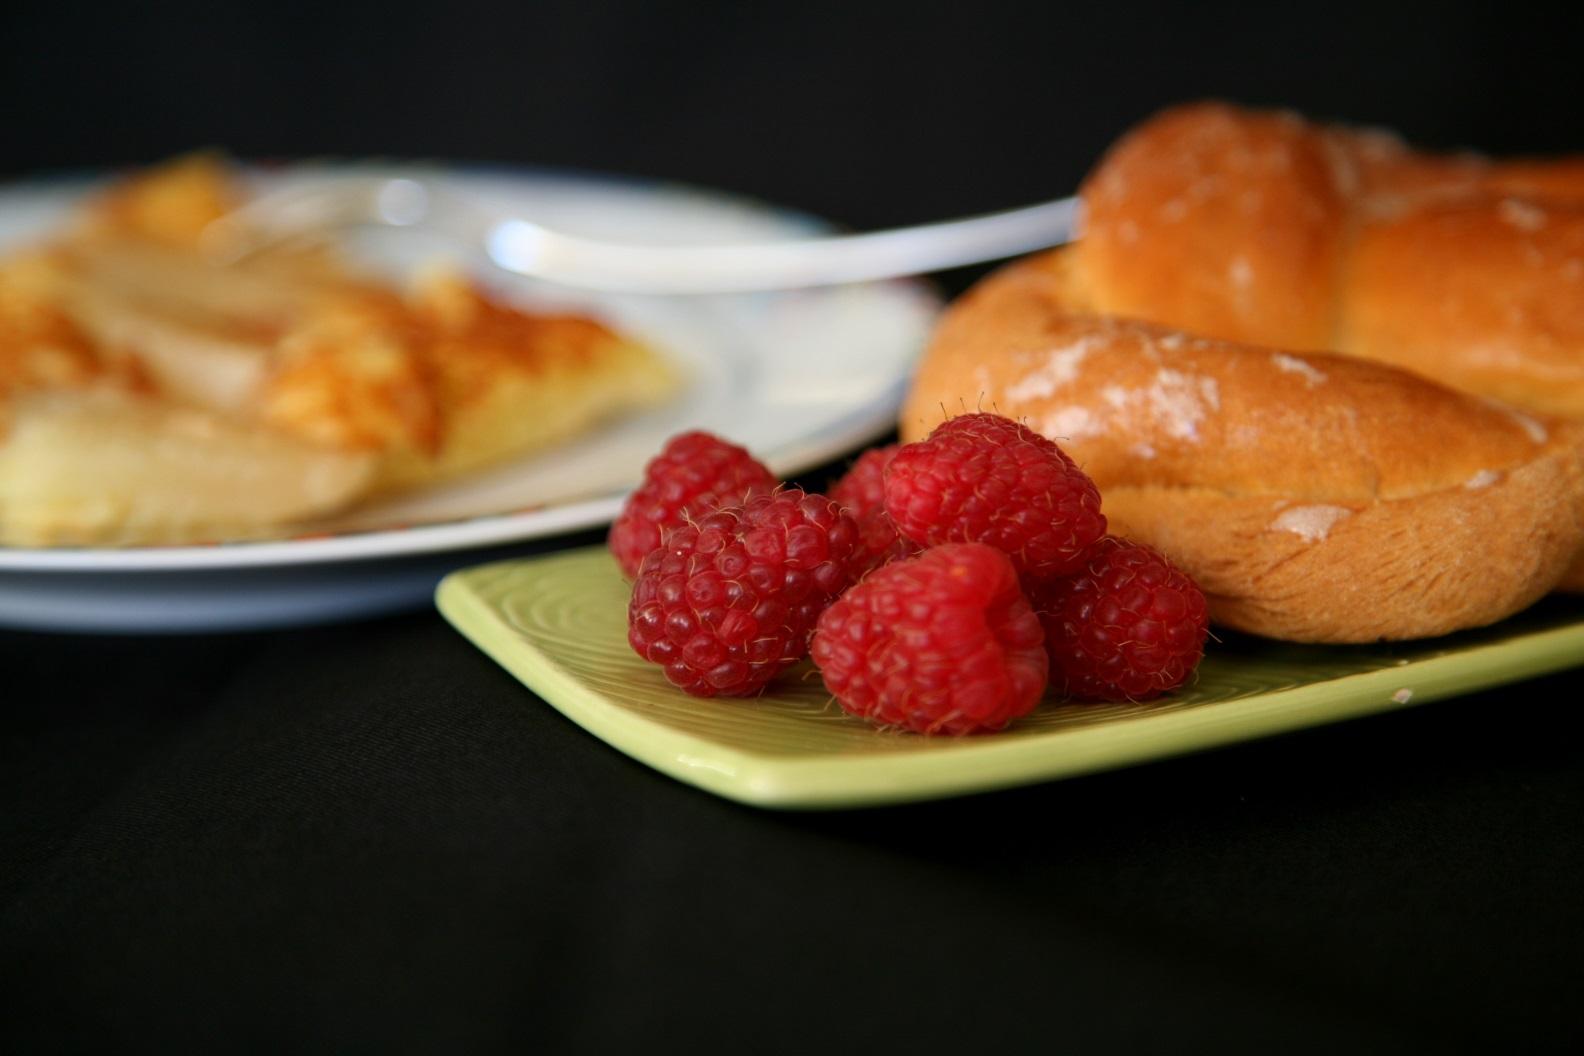 Frühstücks Inspiration